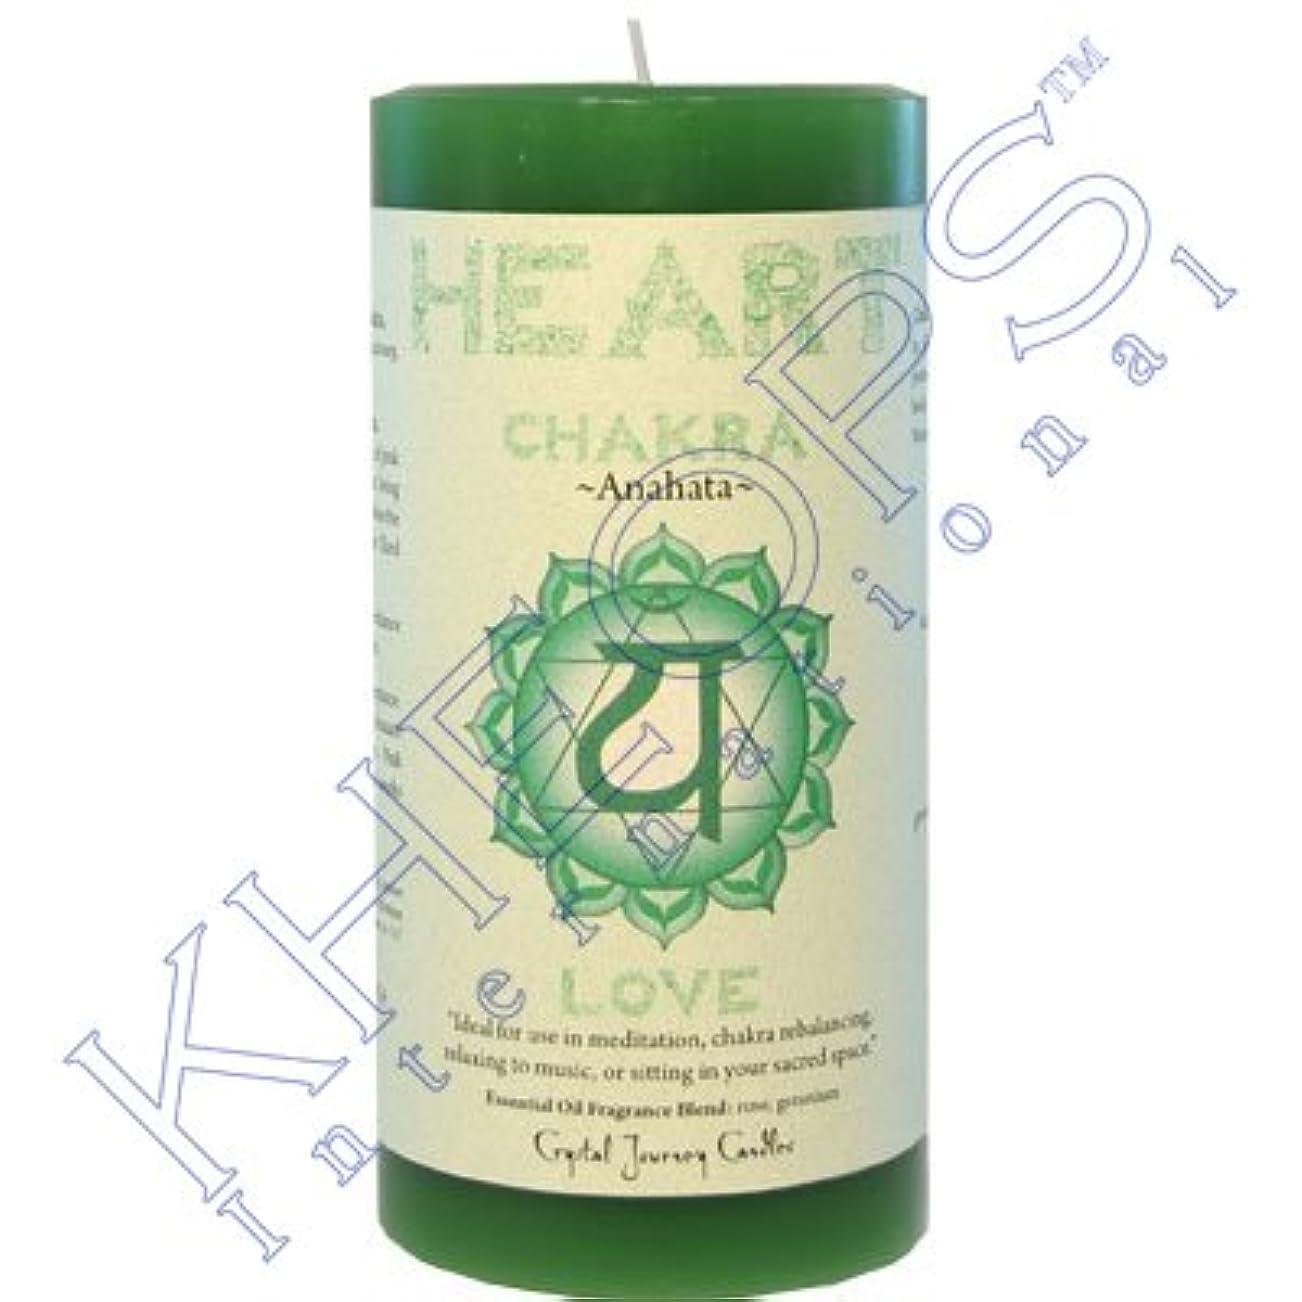 鼓舞する偏心爆発物Pillar Chakra Green-Heart Anahata by Treasures Stones Crystals & More [並行輸入品]